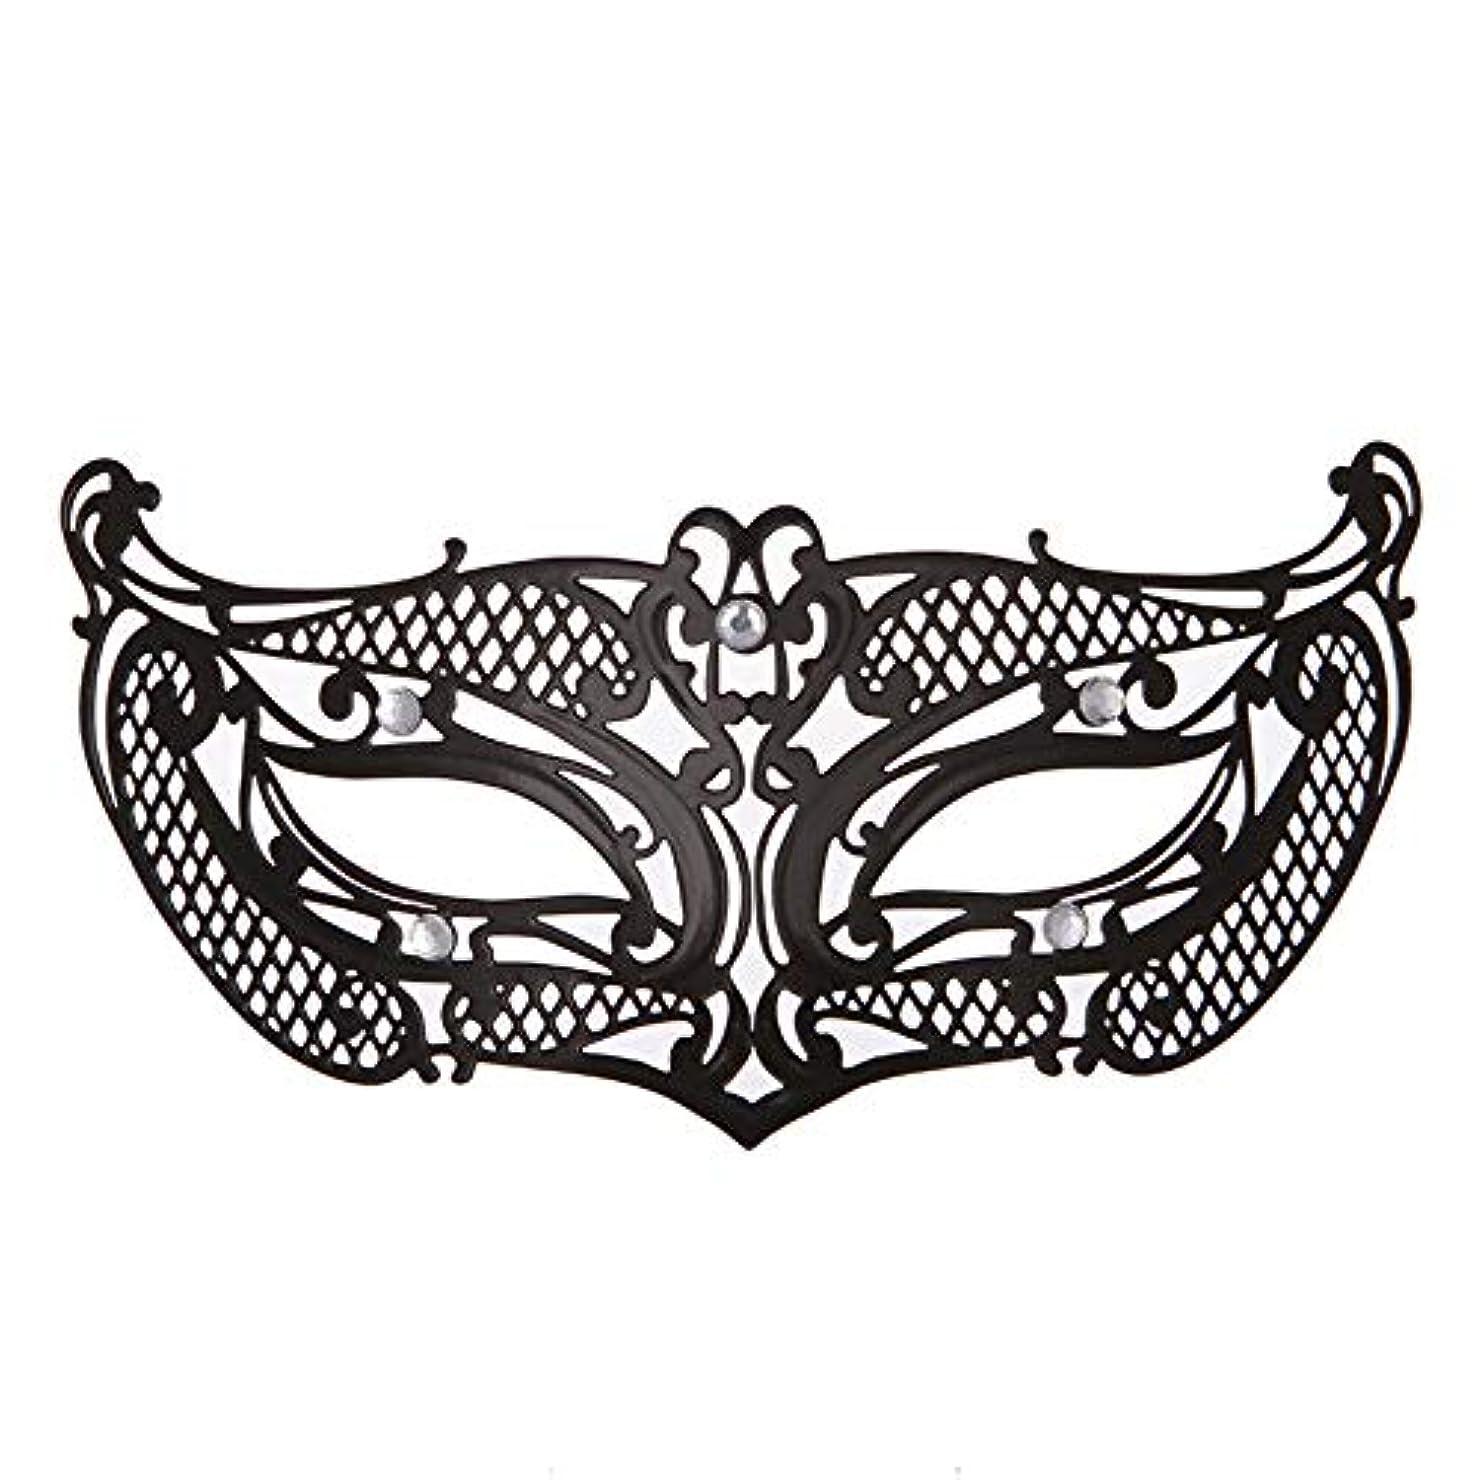 影響力のある安いです静けさダンスマスク アイアンメタリックレースとダイヤモンドハーフマスクハロウィンダンスマスクナイトクラブボールマスクコスプレパーティーハロウィンマスク ホリデーパーティー用品 (色 : ブラック, サイズ : 19x8cm)